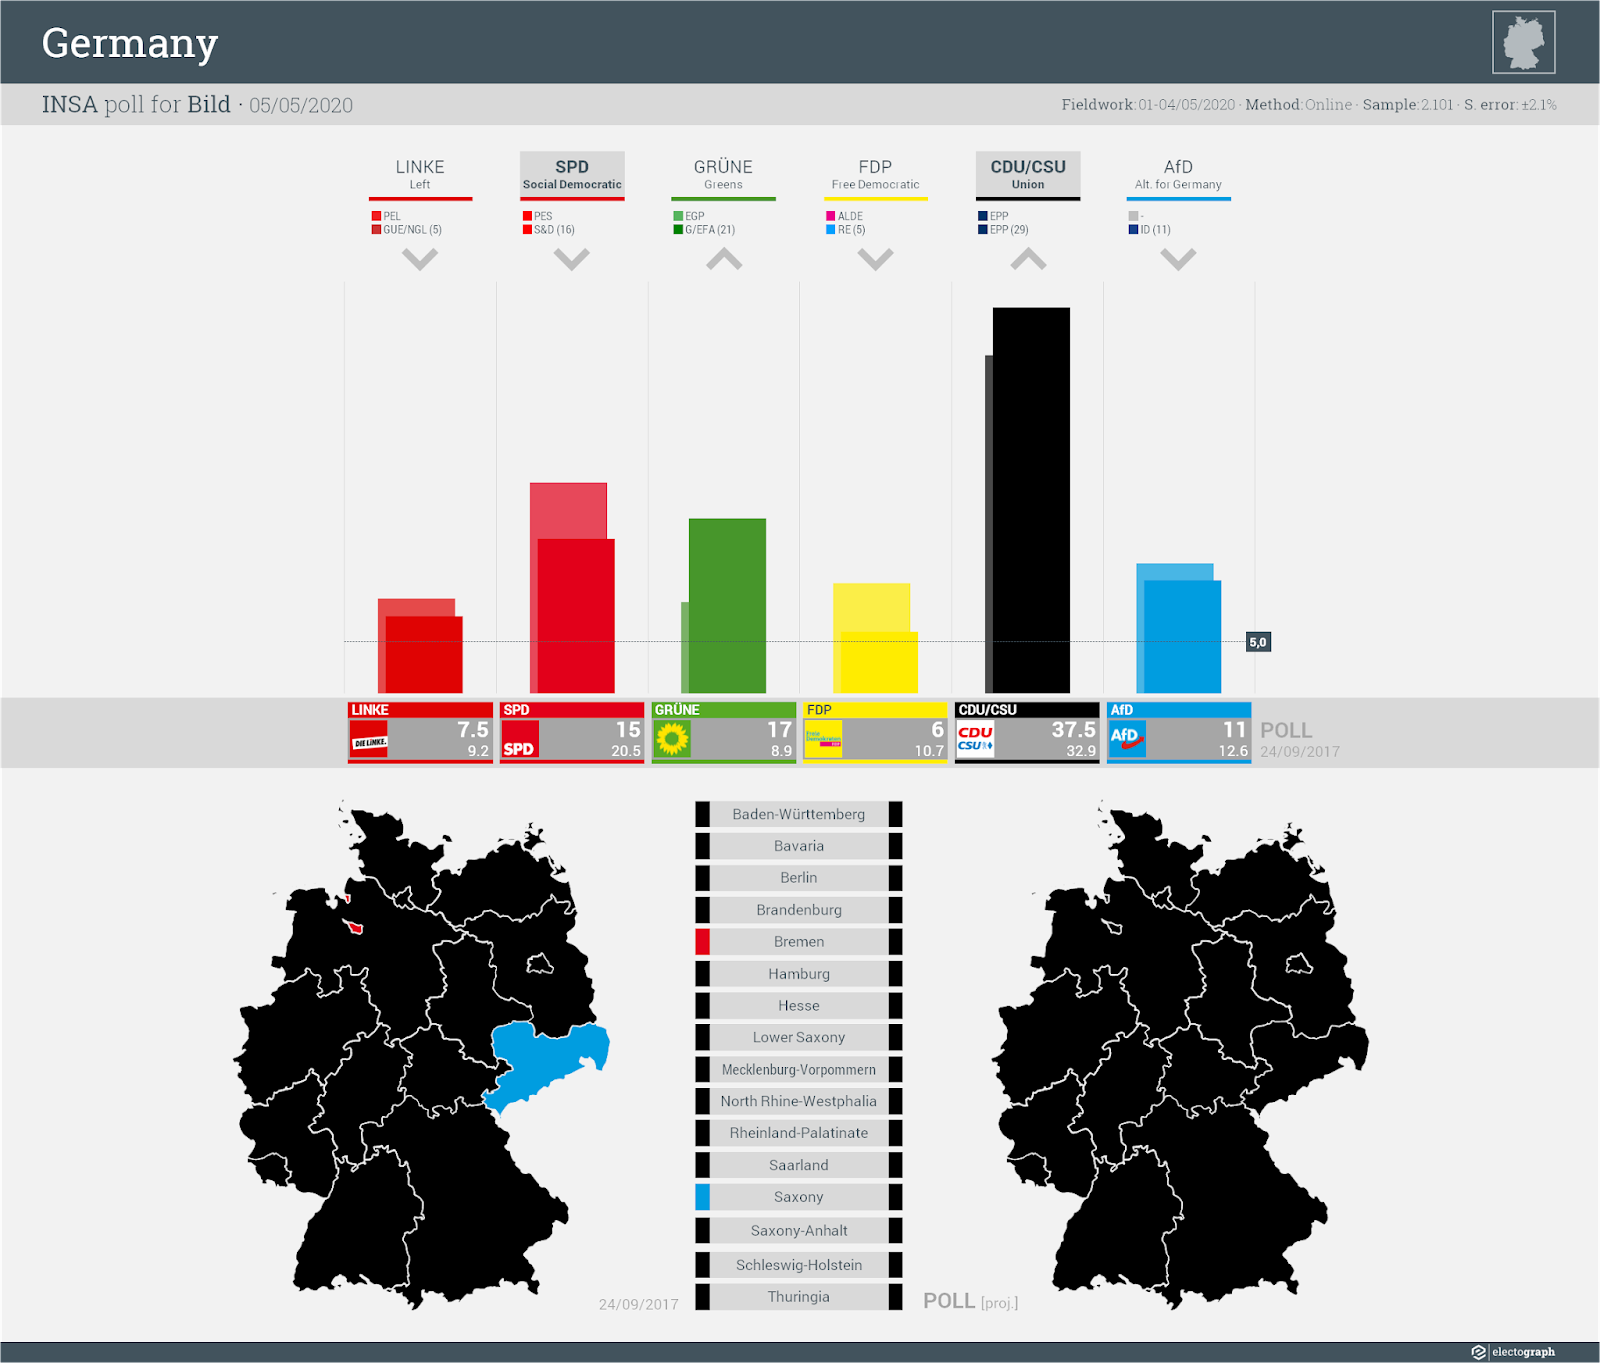 GERMANY: INSA poll chart for Bild, 5 May 2020